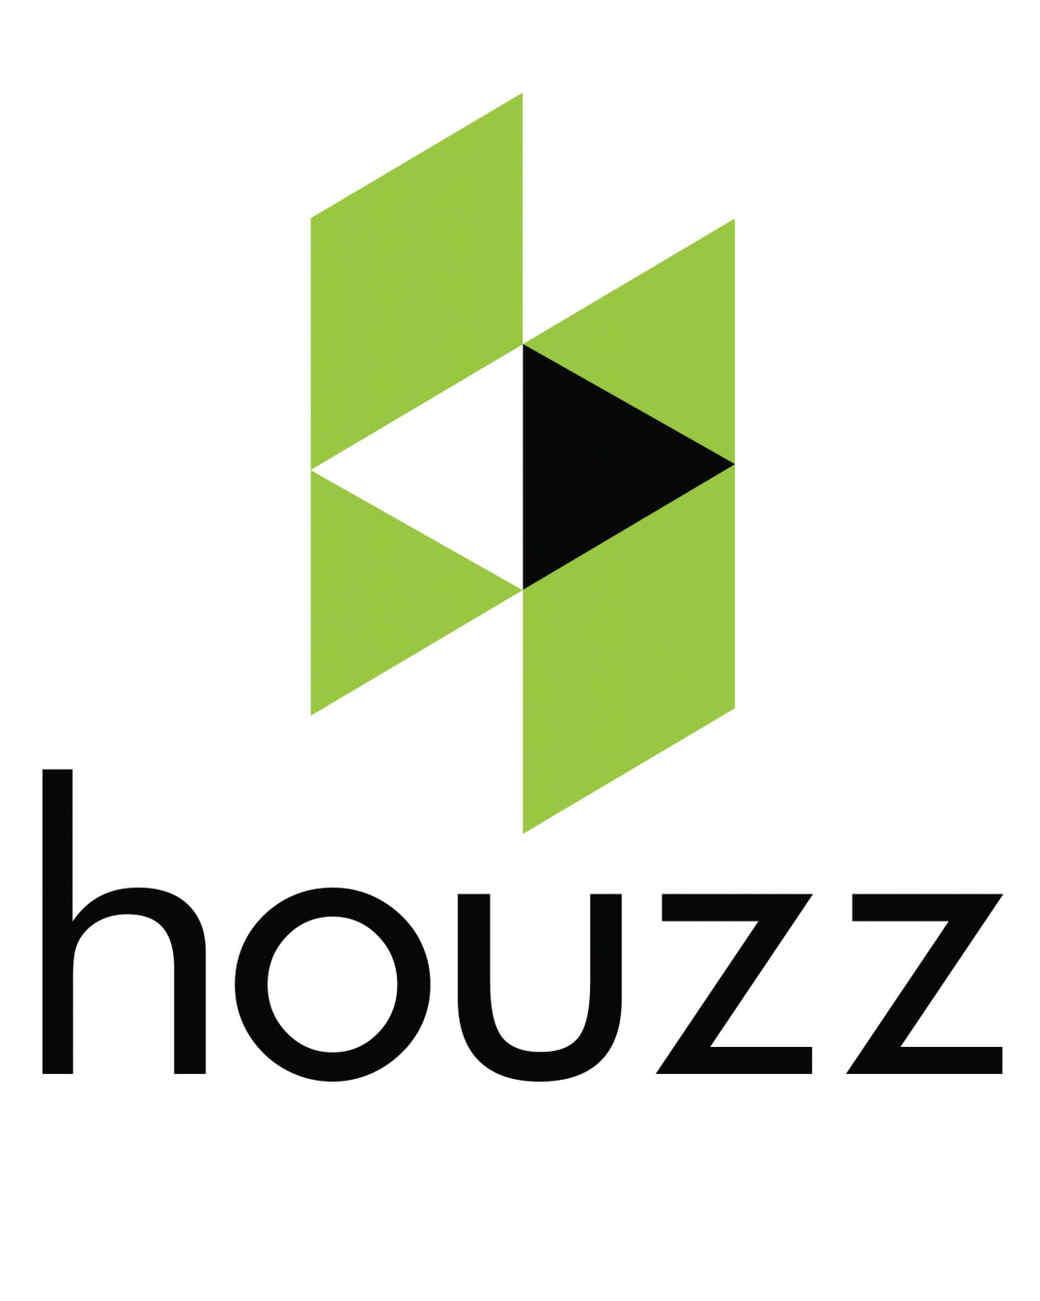 thd-houzzlogo-kitchensthatwork-0315.jpg